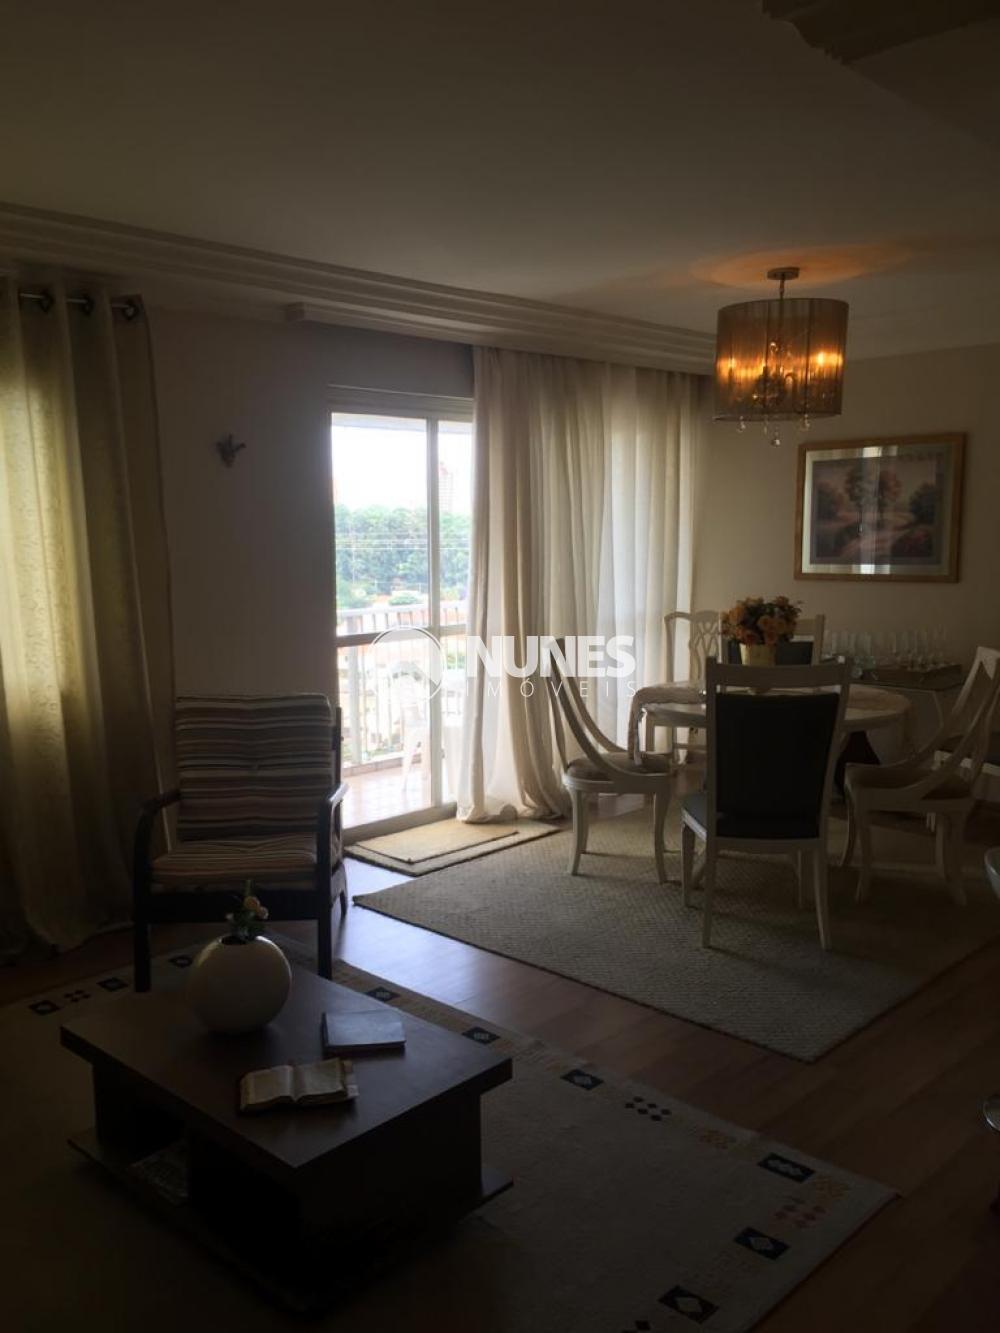 Comprar Apartamento / Padrão em São Paulo apenas R$ 700.000,00 - Foto 2